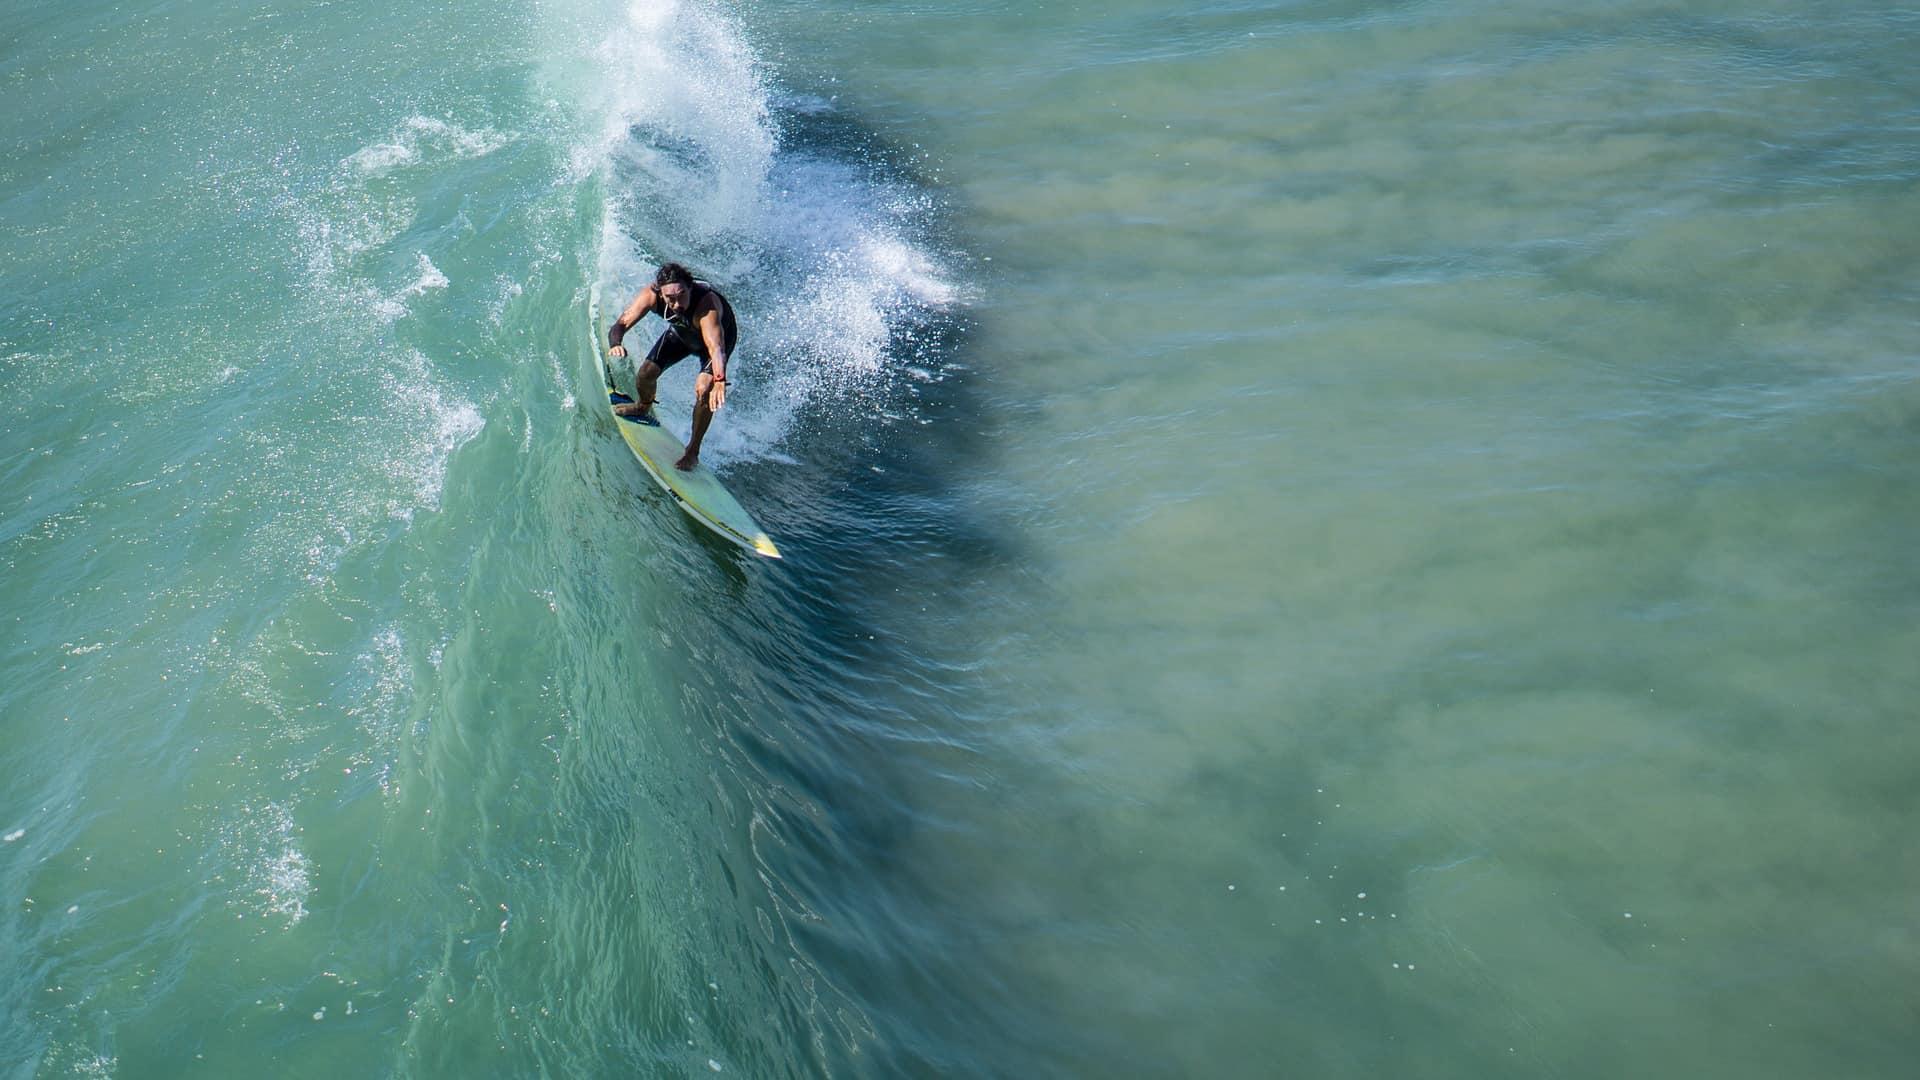 Imagem destaca um homem em uma prancha de surf deslizando sobre a crista de uma onda.